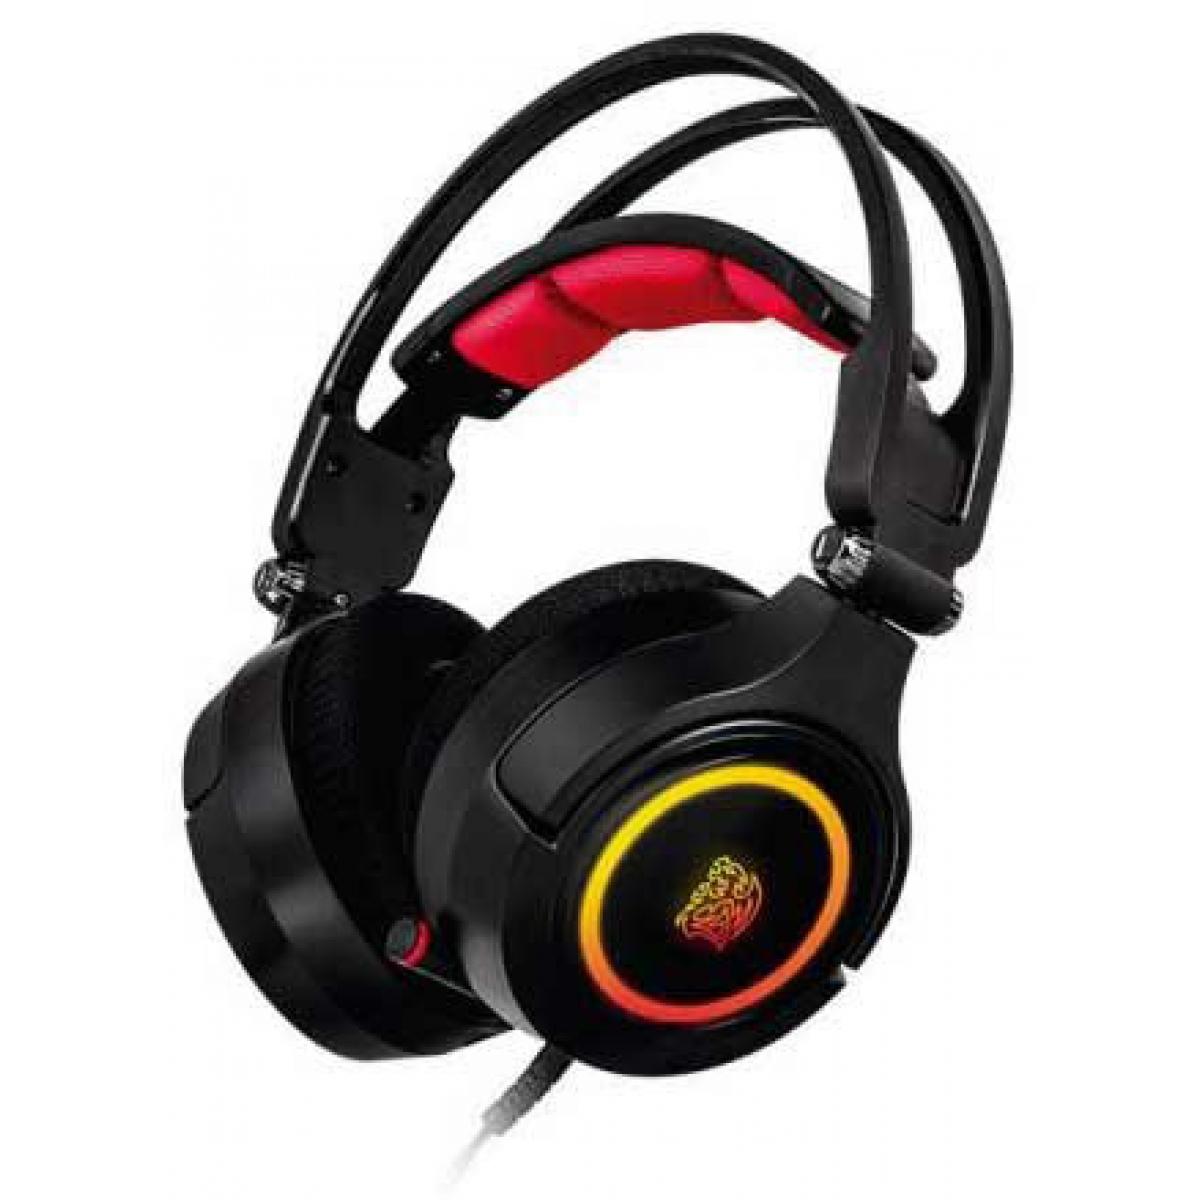 Headset Gamer Thermaltake Cronos Riing Rgb Ht-cra-diecbk-20